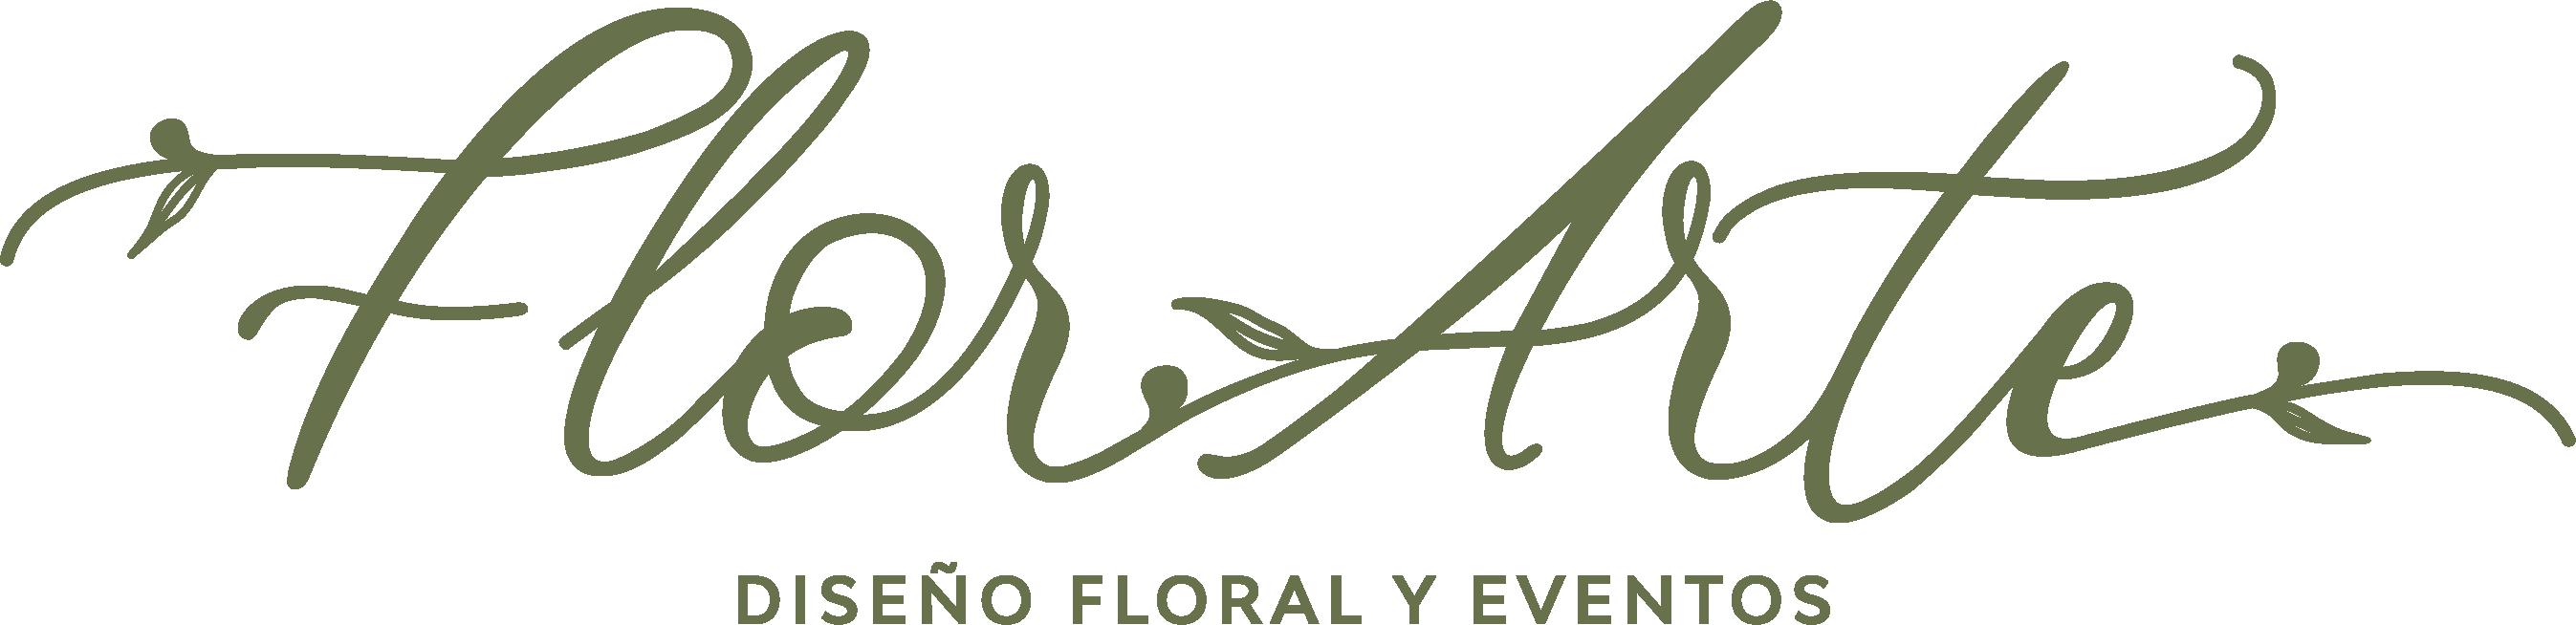 Floristeria Florarte